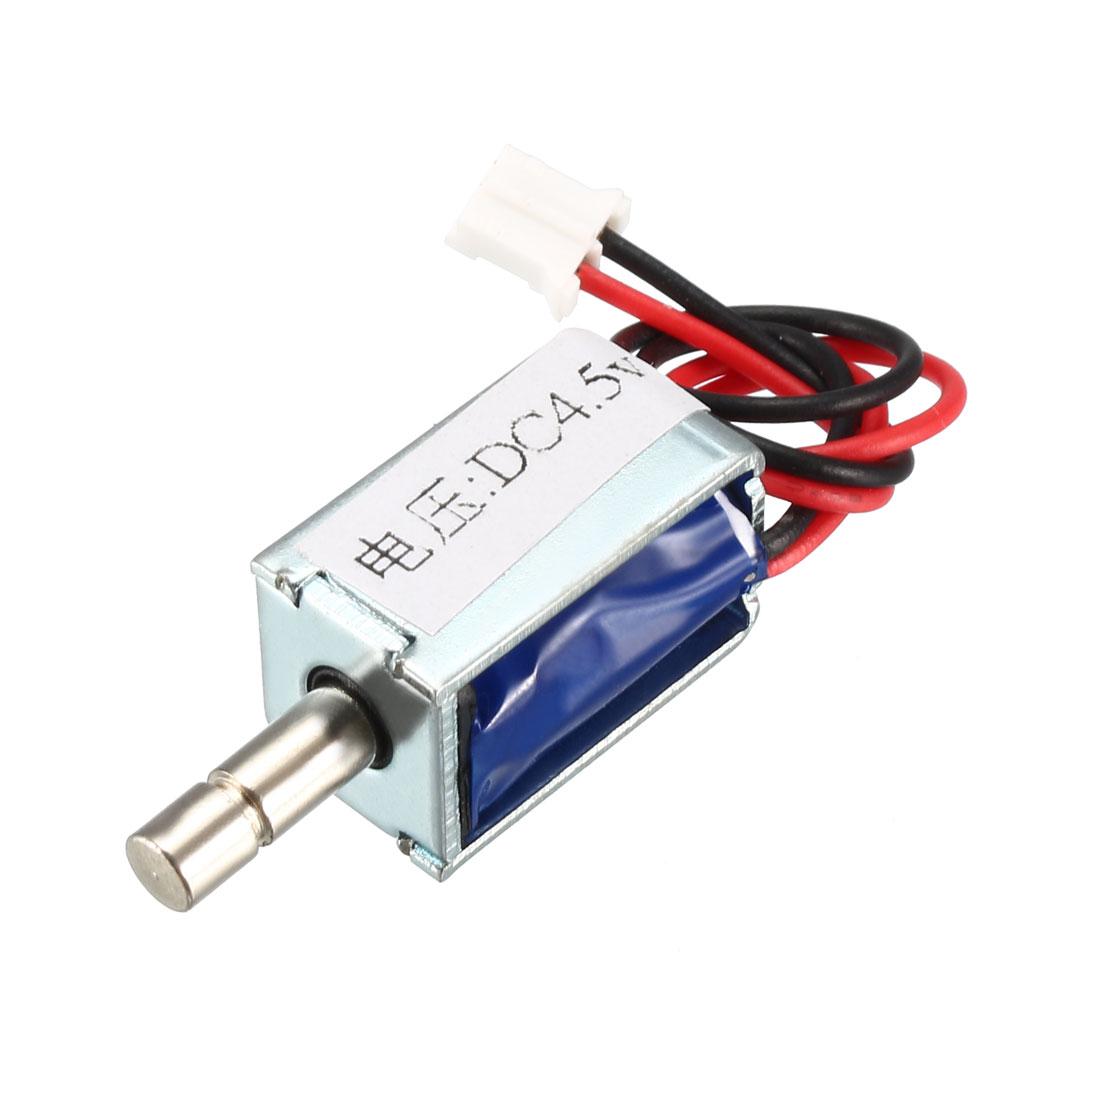 DC 4.5V 20g 3mm Pull Type Solenoid Electromagnet, Open Frame, Linear Motion